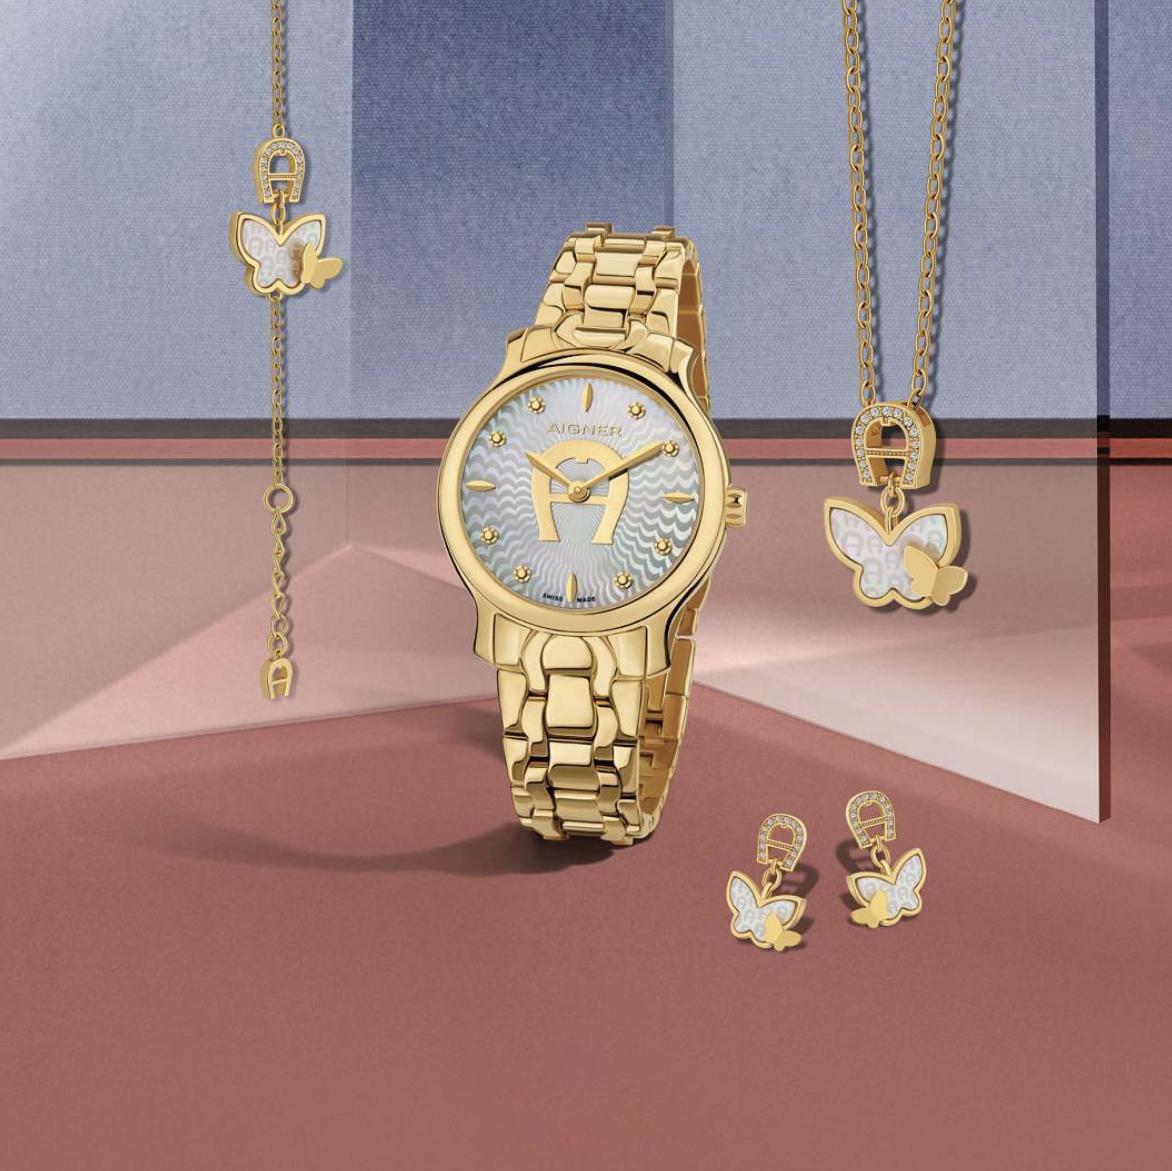 watch design montre Aigner ronde avec bracelet metal